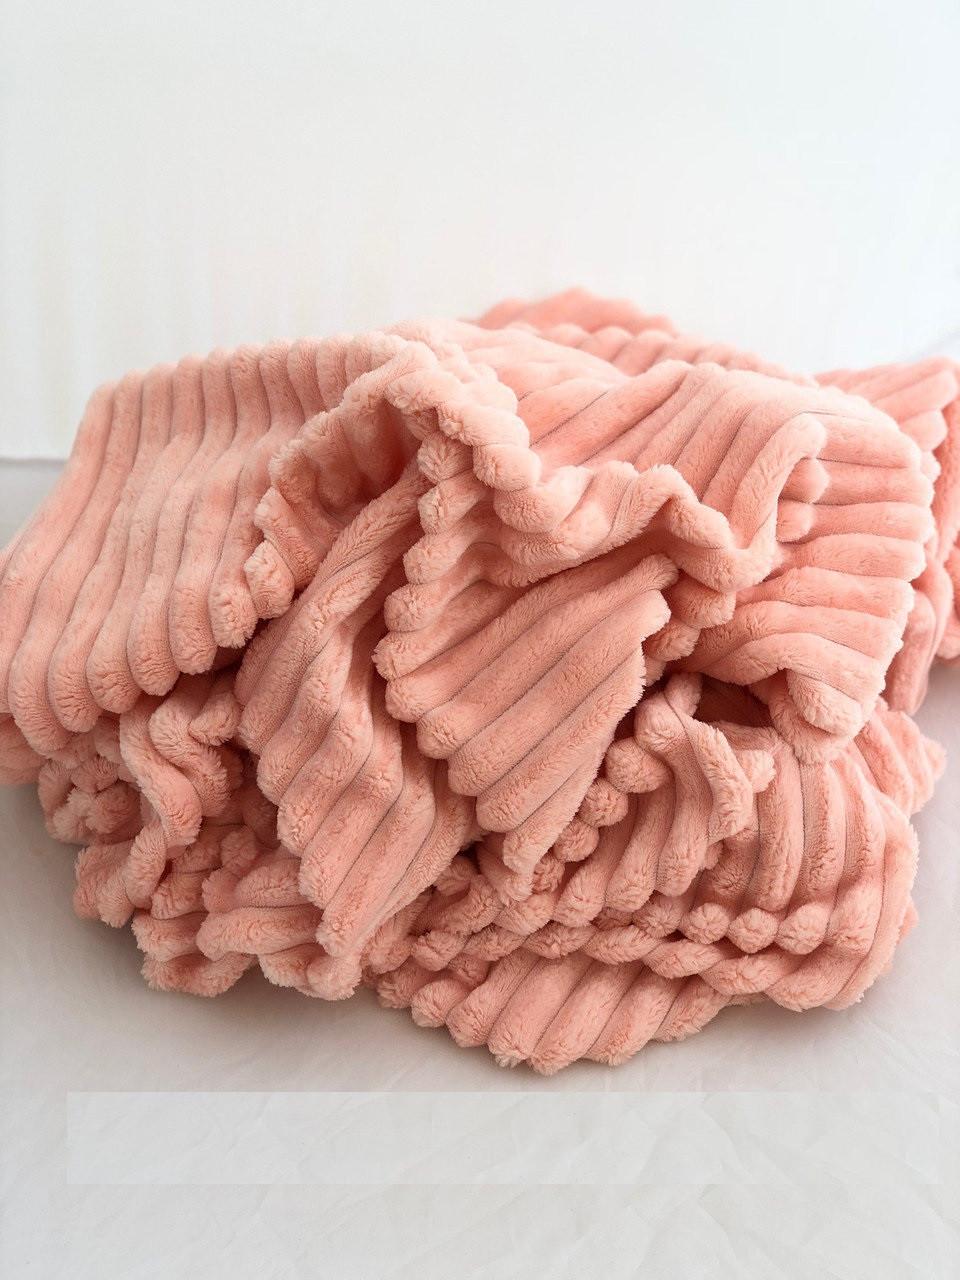 Плюшевый чехол на кушетку 80 см на 200 см - персиковый (шарпей)